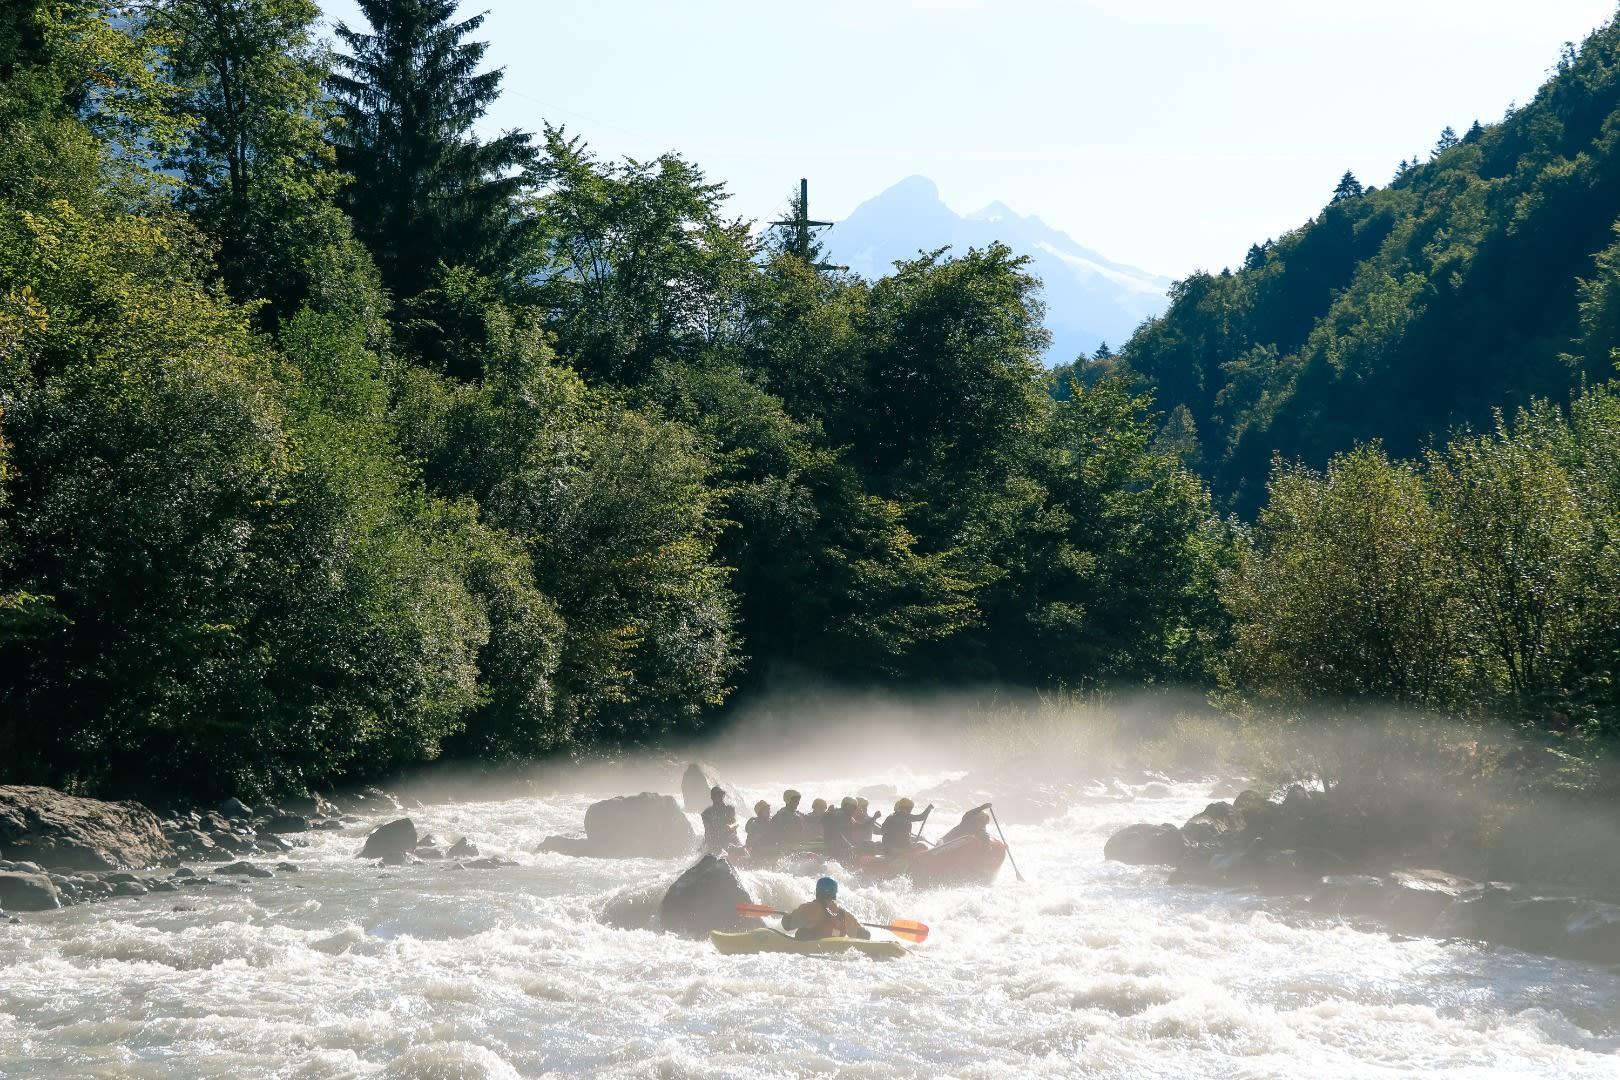 เที่ยวแม่น้ำลุทชินา